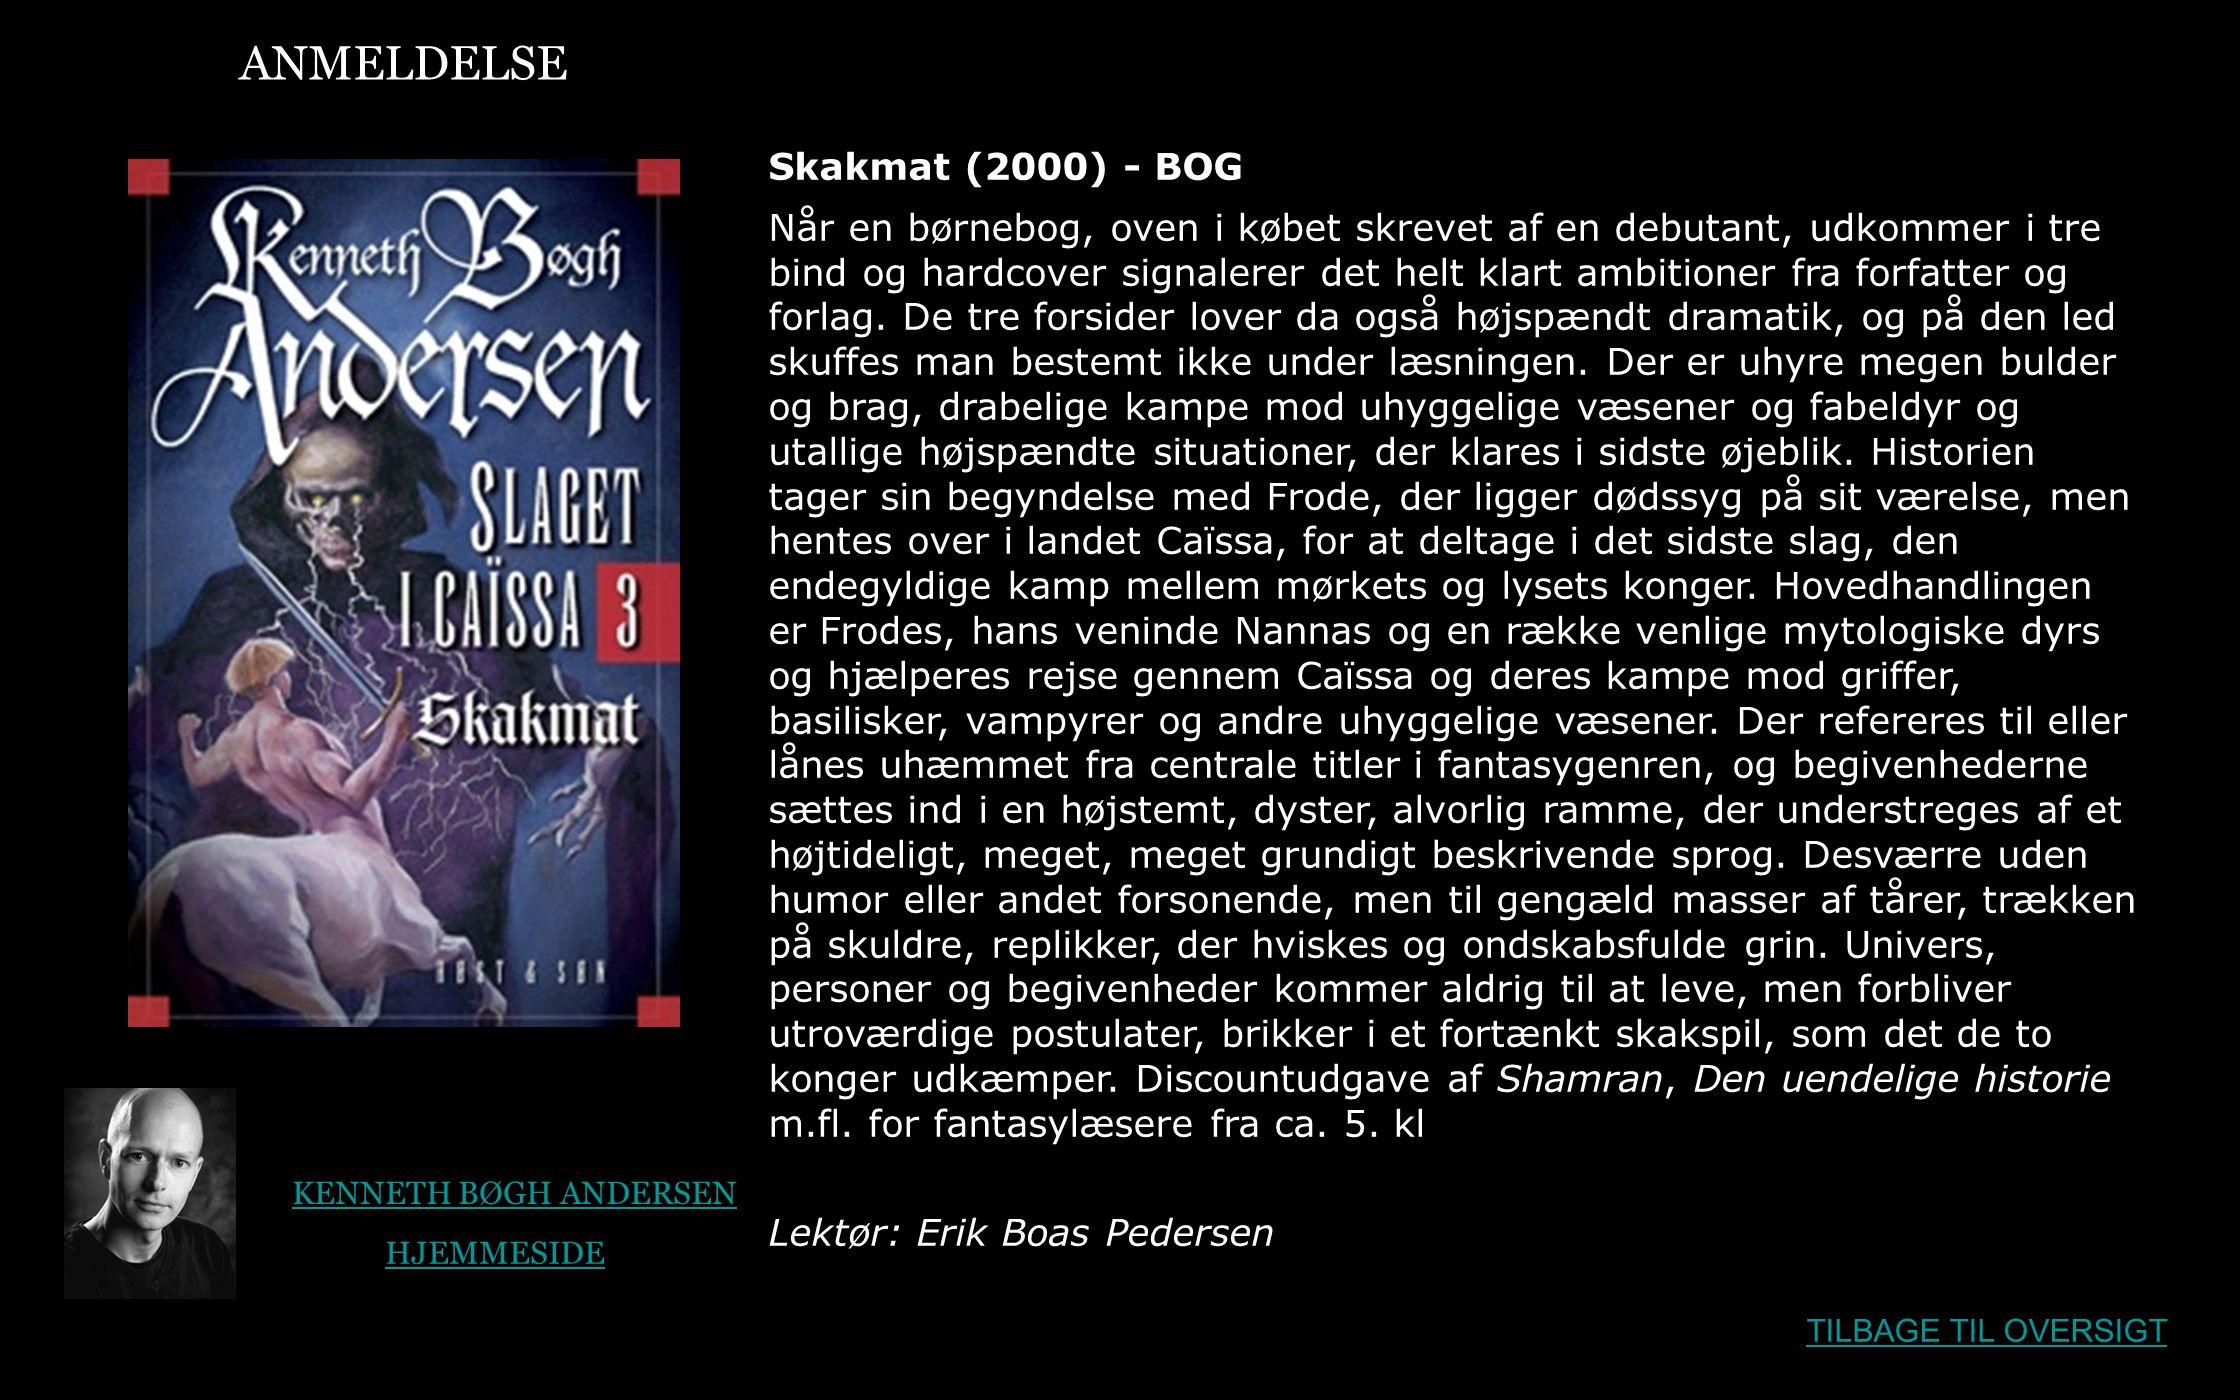 ANMELDELSE Skakmat (2000) - BOG